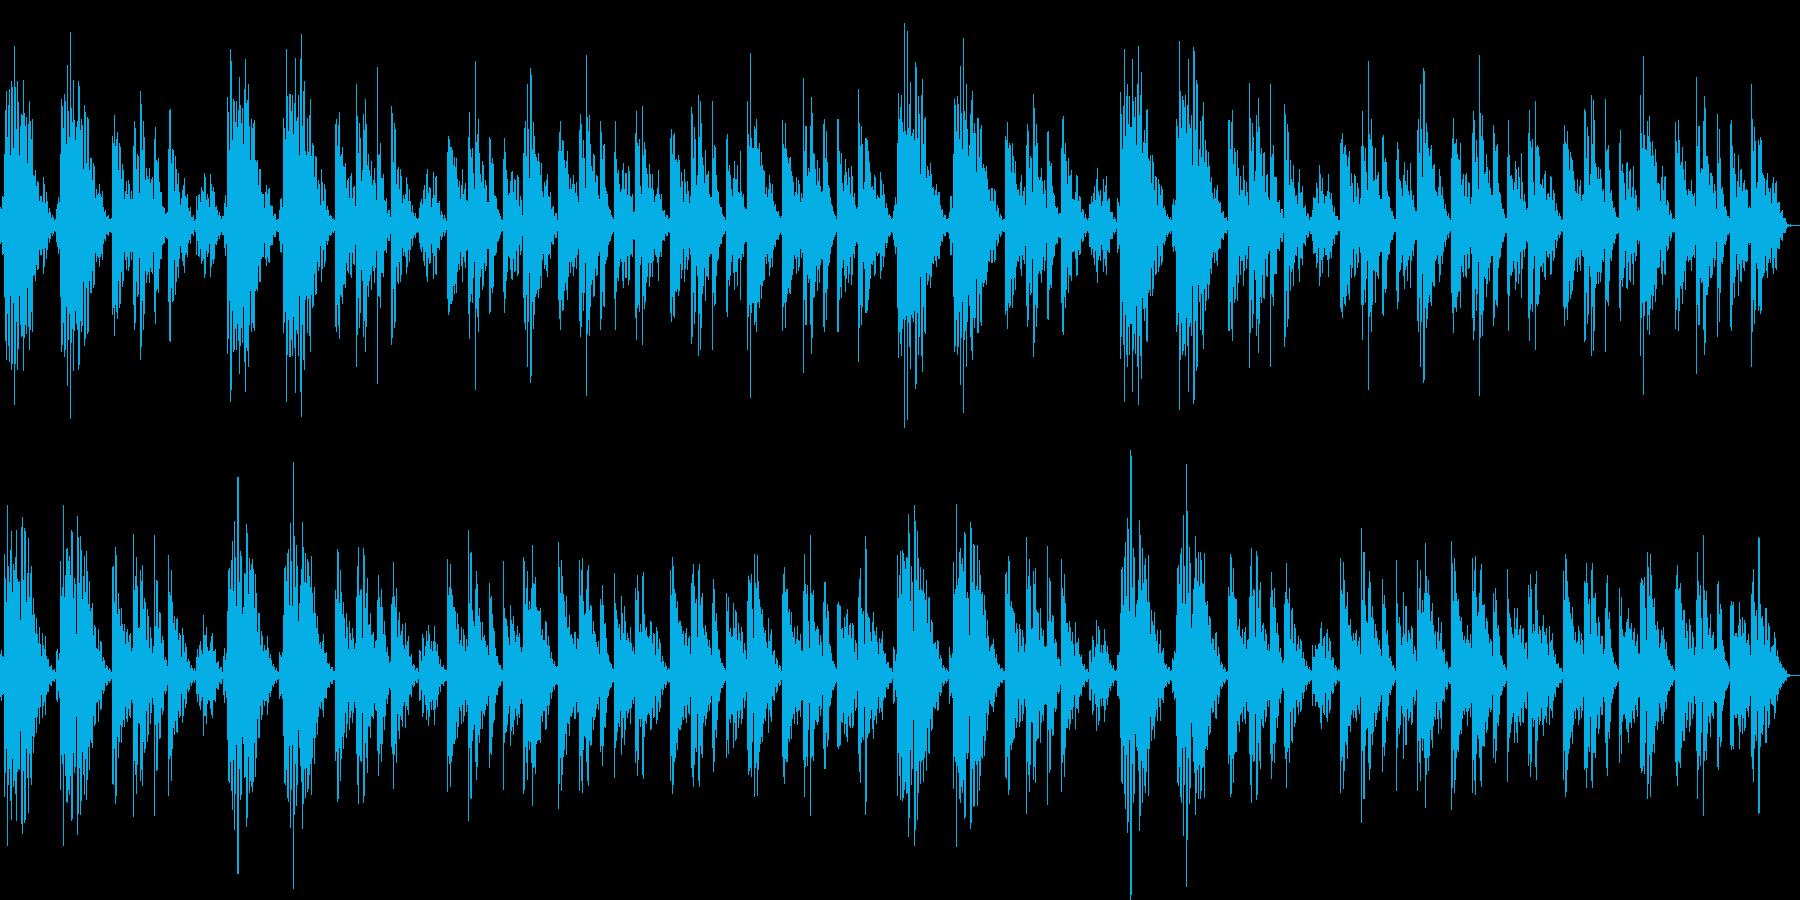 静かなリラクゼーションミュージックの再生済みの波形